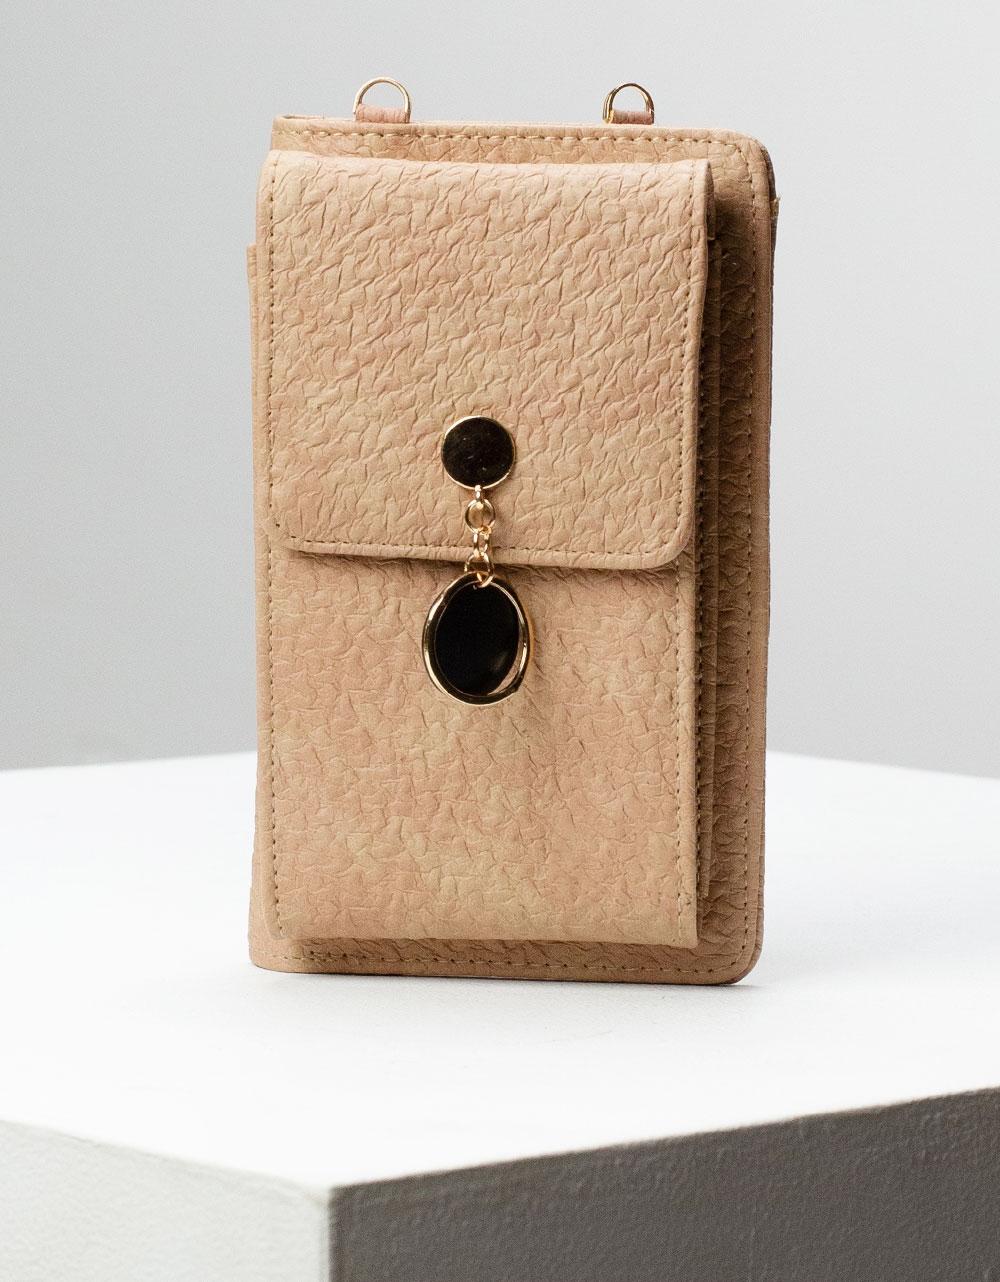 Εικόνα από Γυναικεία πορτοφόλια με εξωτερική θήκη κινητού και μεταλλικό διακοσμητικό Πούρο